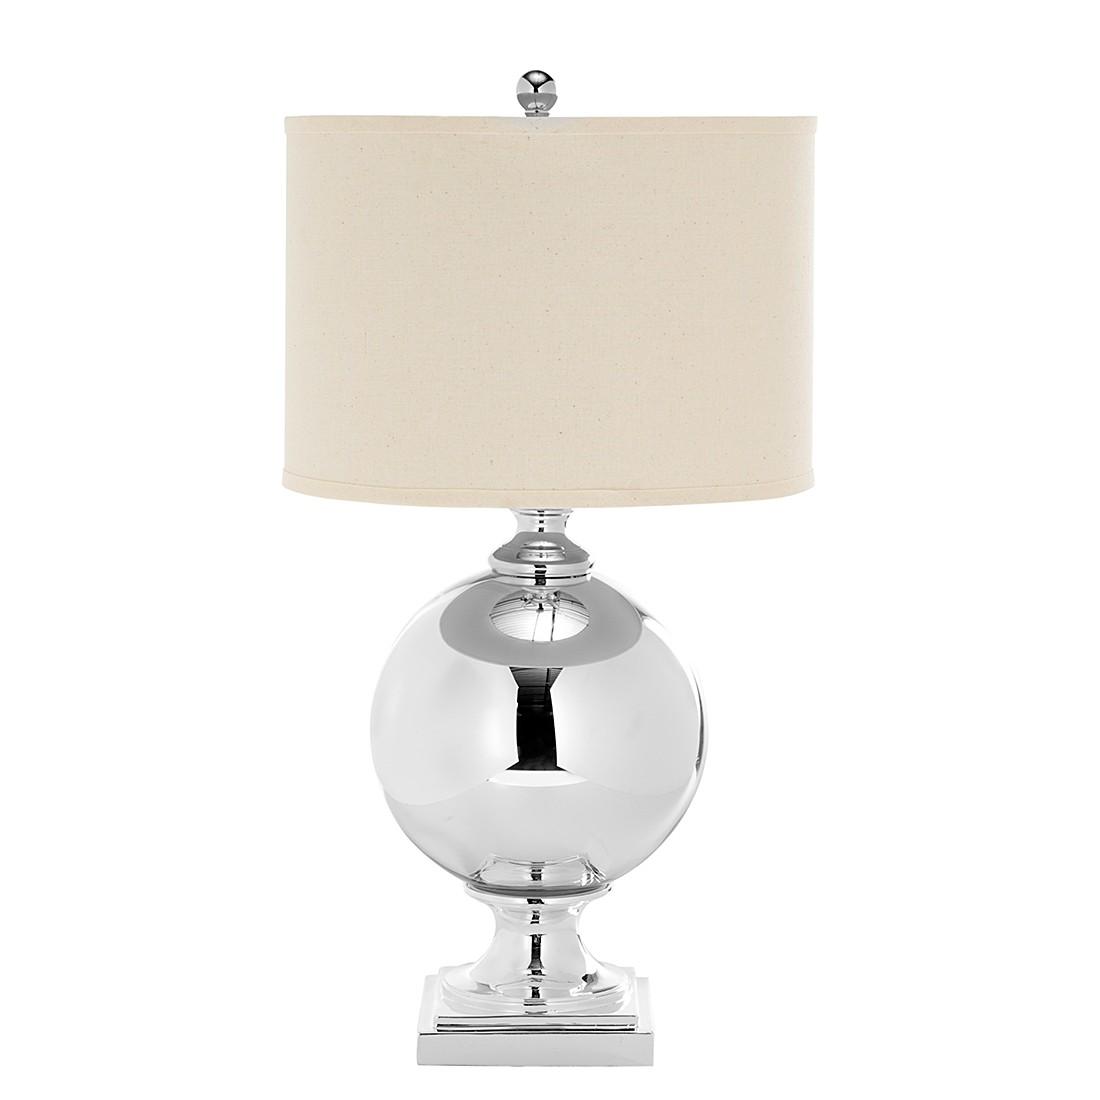 Lampe de table Icott Mercury - Crème / Argenté, Safavieh